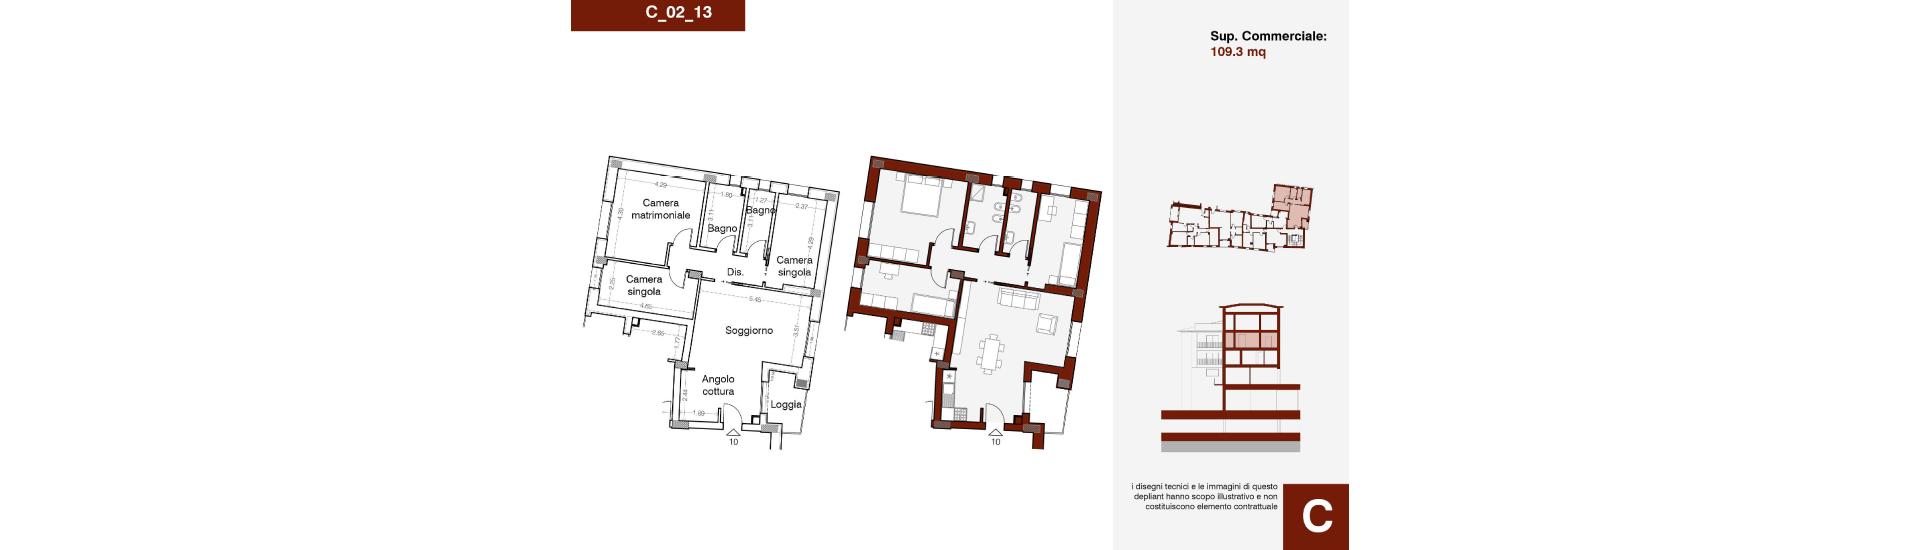 Edificio C, C_02_13, immagine completa